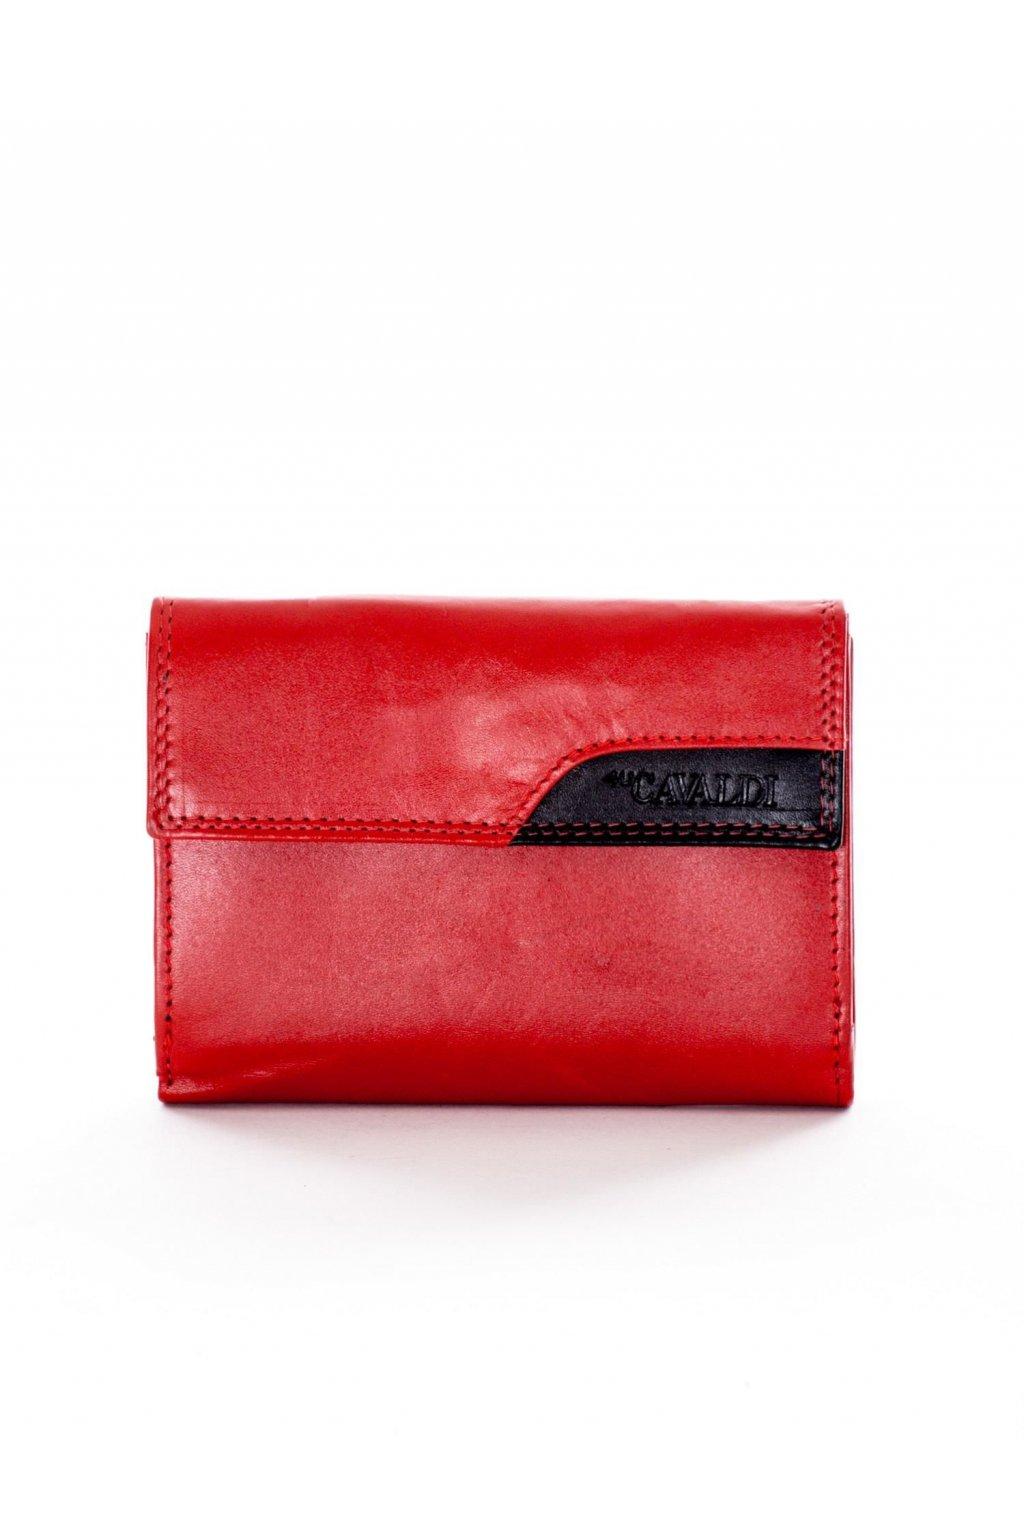 Peňaženka kód CE-PR-RD-03-CMN.82